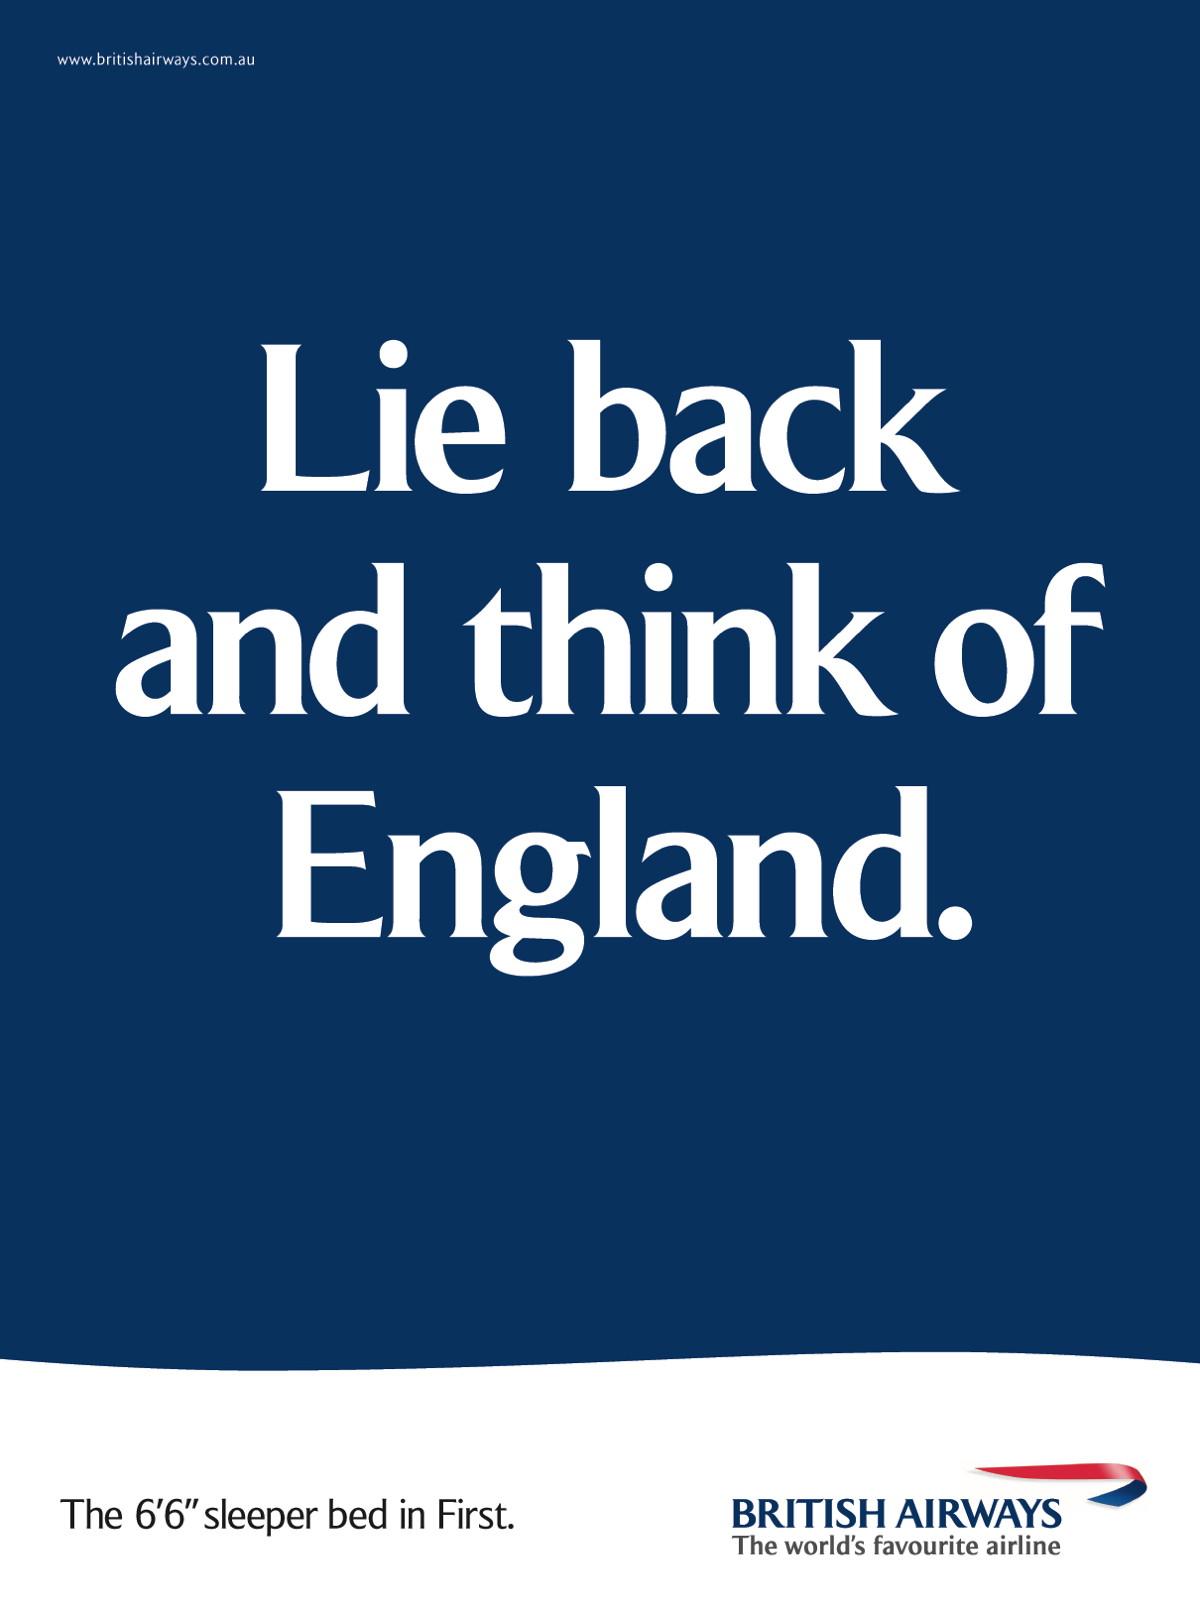 British Airways Lie back